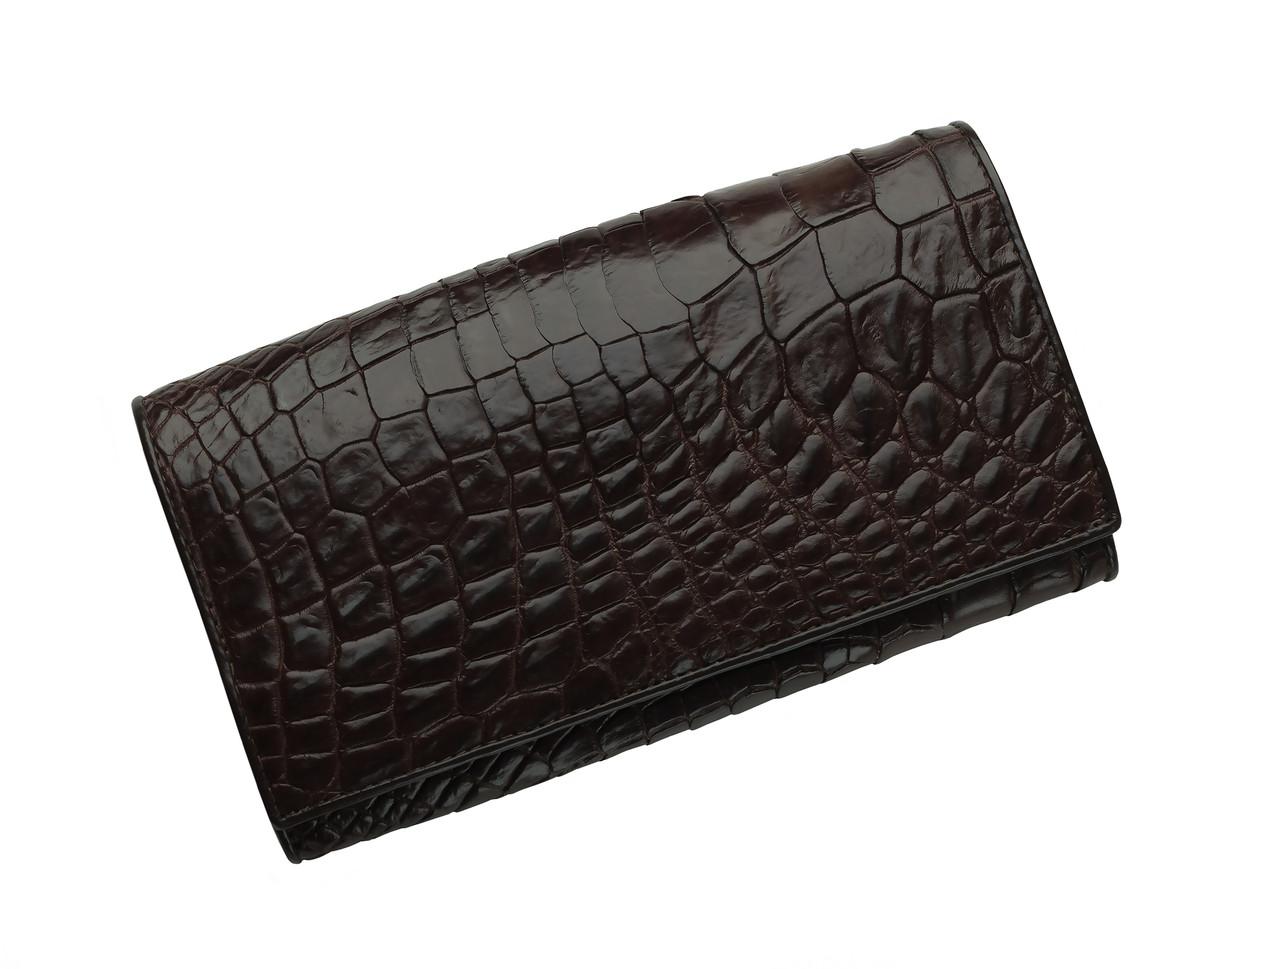 Кошелек из кожи крокодила Ekzotic Leather Коричневый  (cw 95)